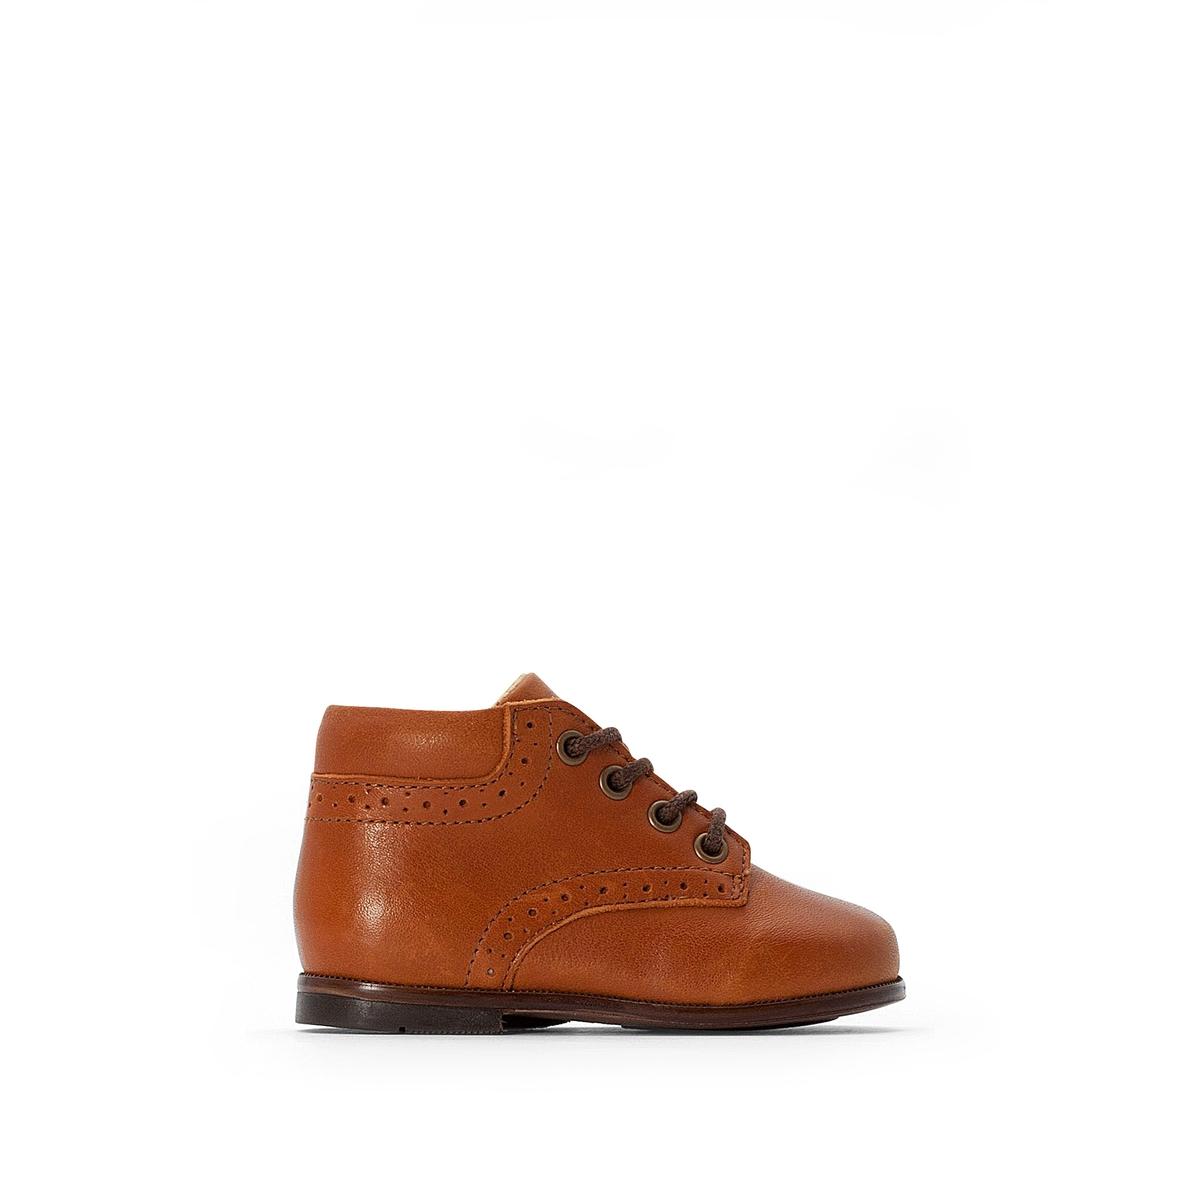 Ботинки La Redoute Кожаные на шнуровке - 23 каштановый ботильоны la redoute кожаные на молнии размеры 26 каштановый